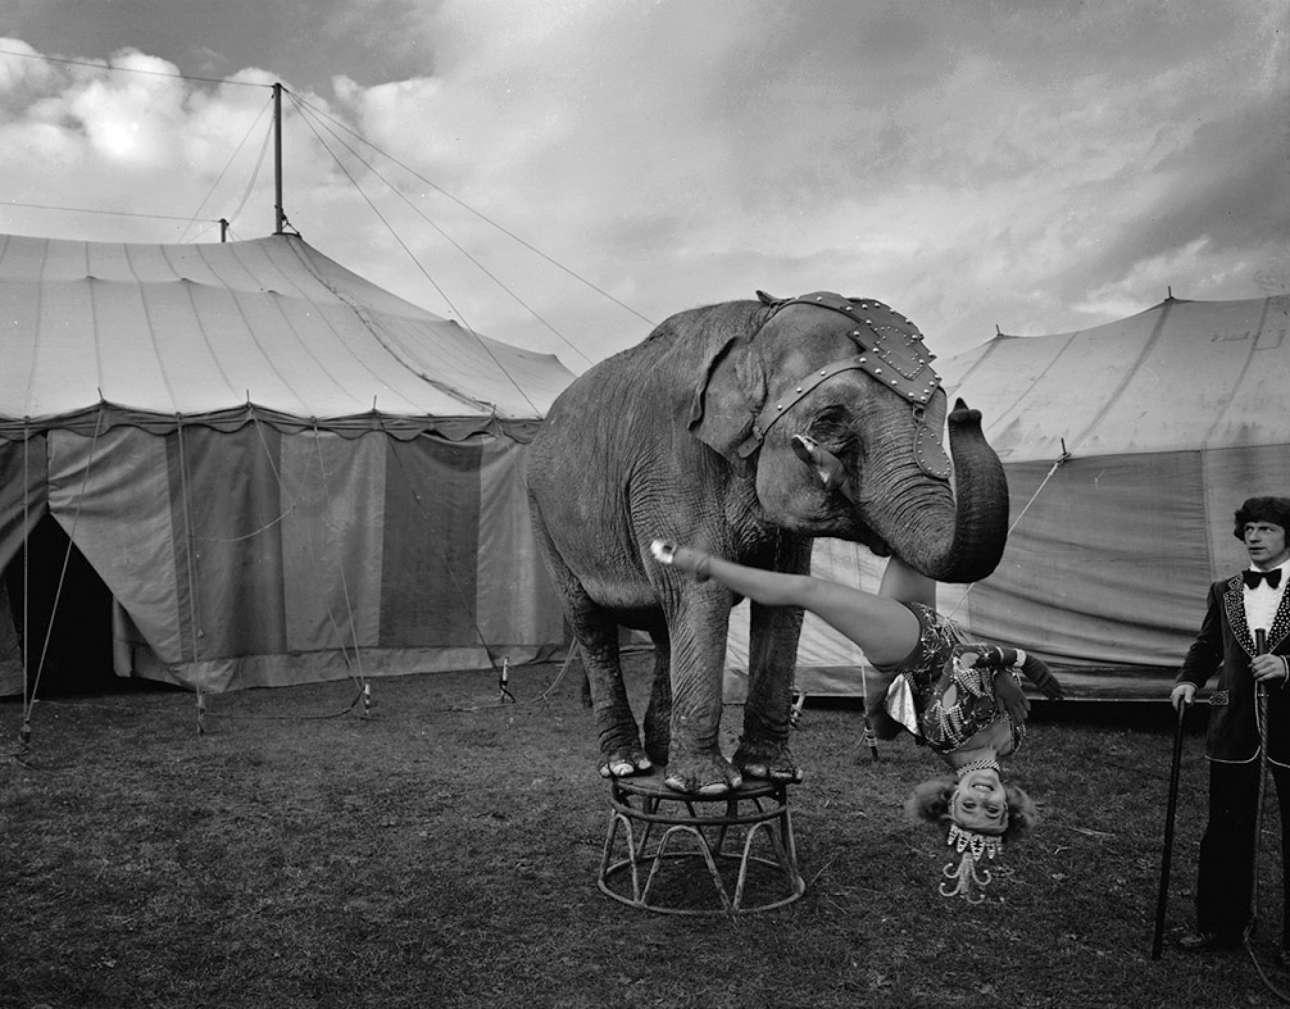 Η Μπρέντα Χαένι κάνει ακροβατικά συνεργαζόμενη με νεαρό ελέφαντα, στo τσίρκο των Αδελφών Φοσέτ, το 1973